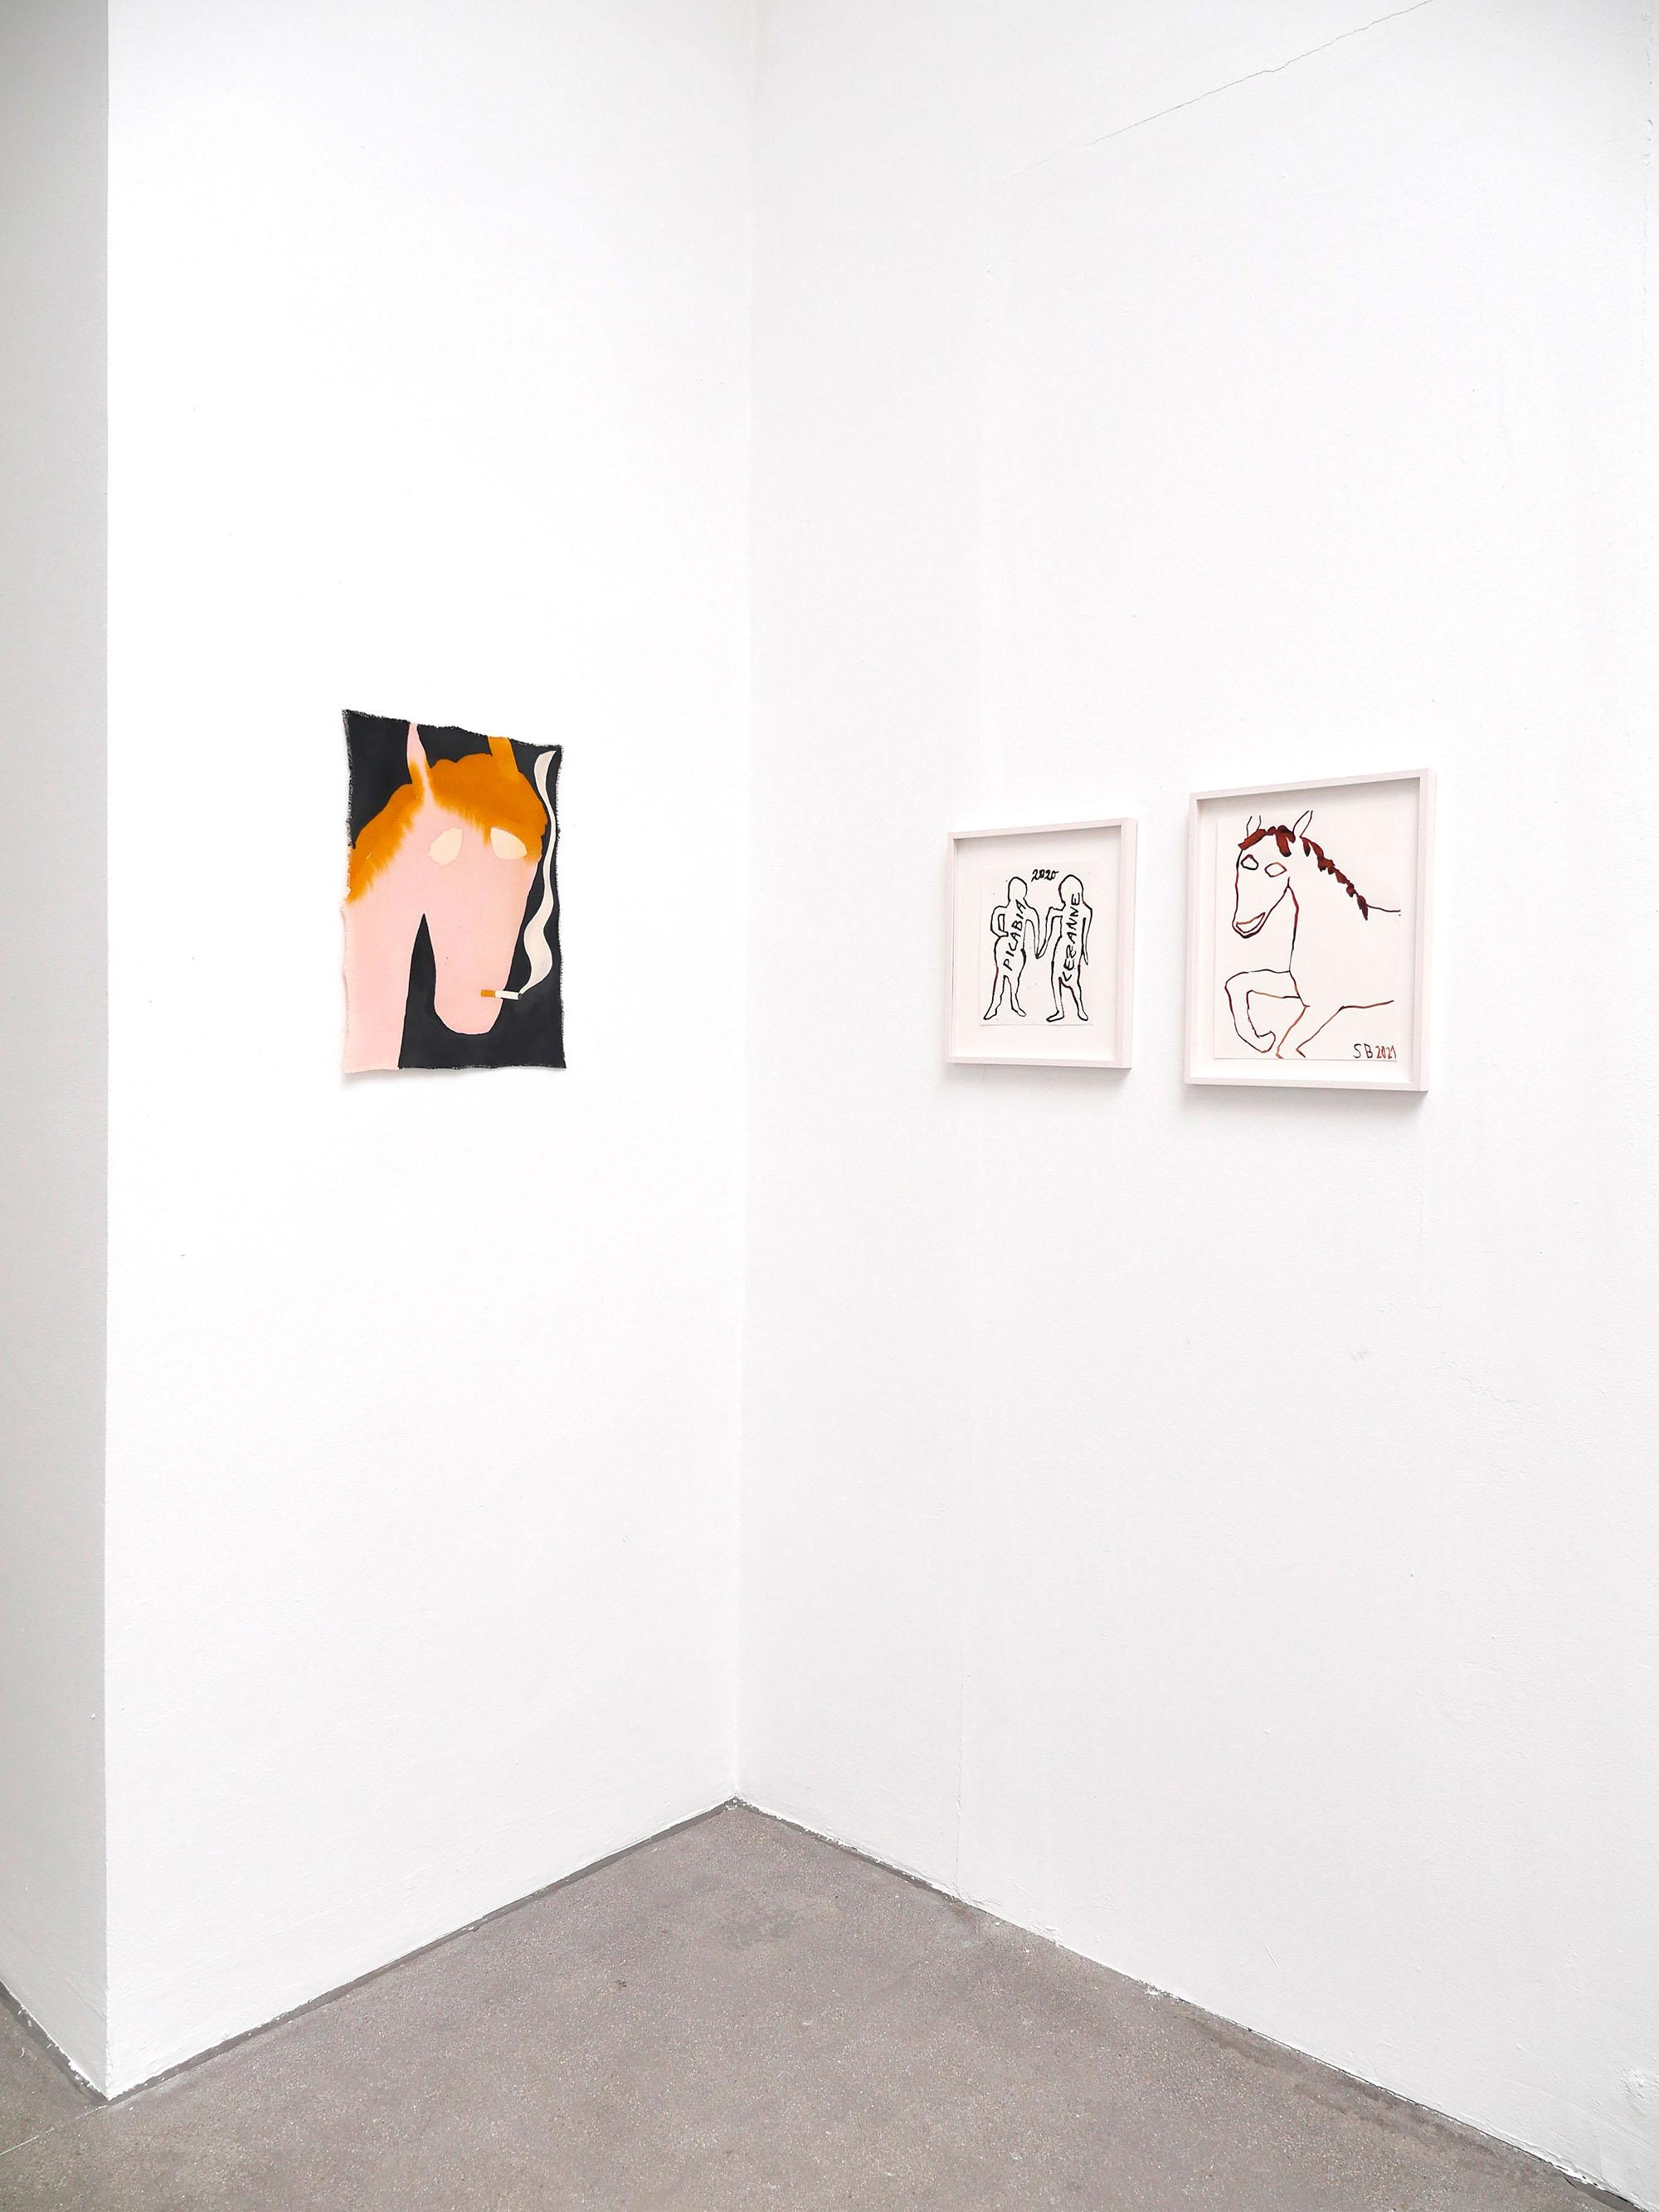 domino exhibition, viewing room, munchies art club, gallery raum mit licht, vienna, 2021